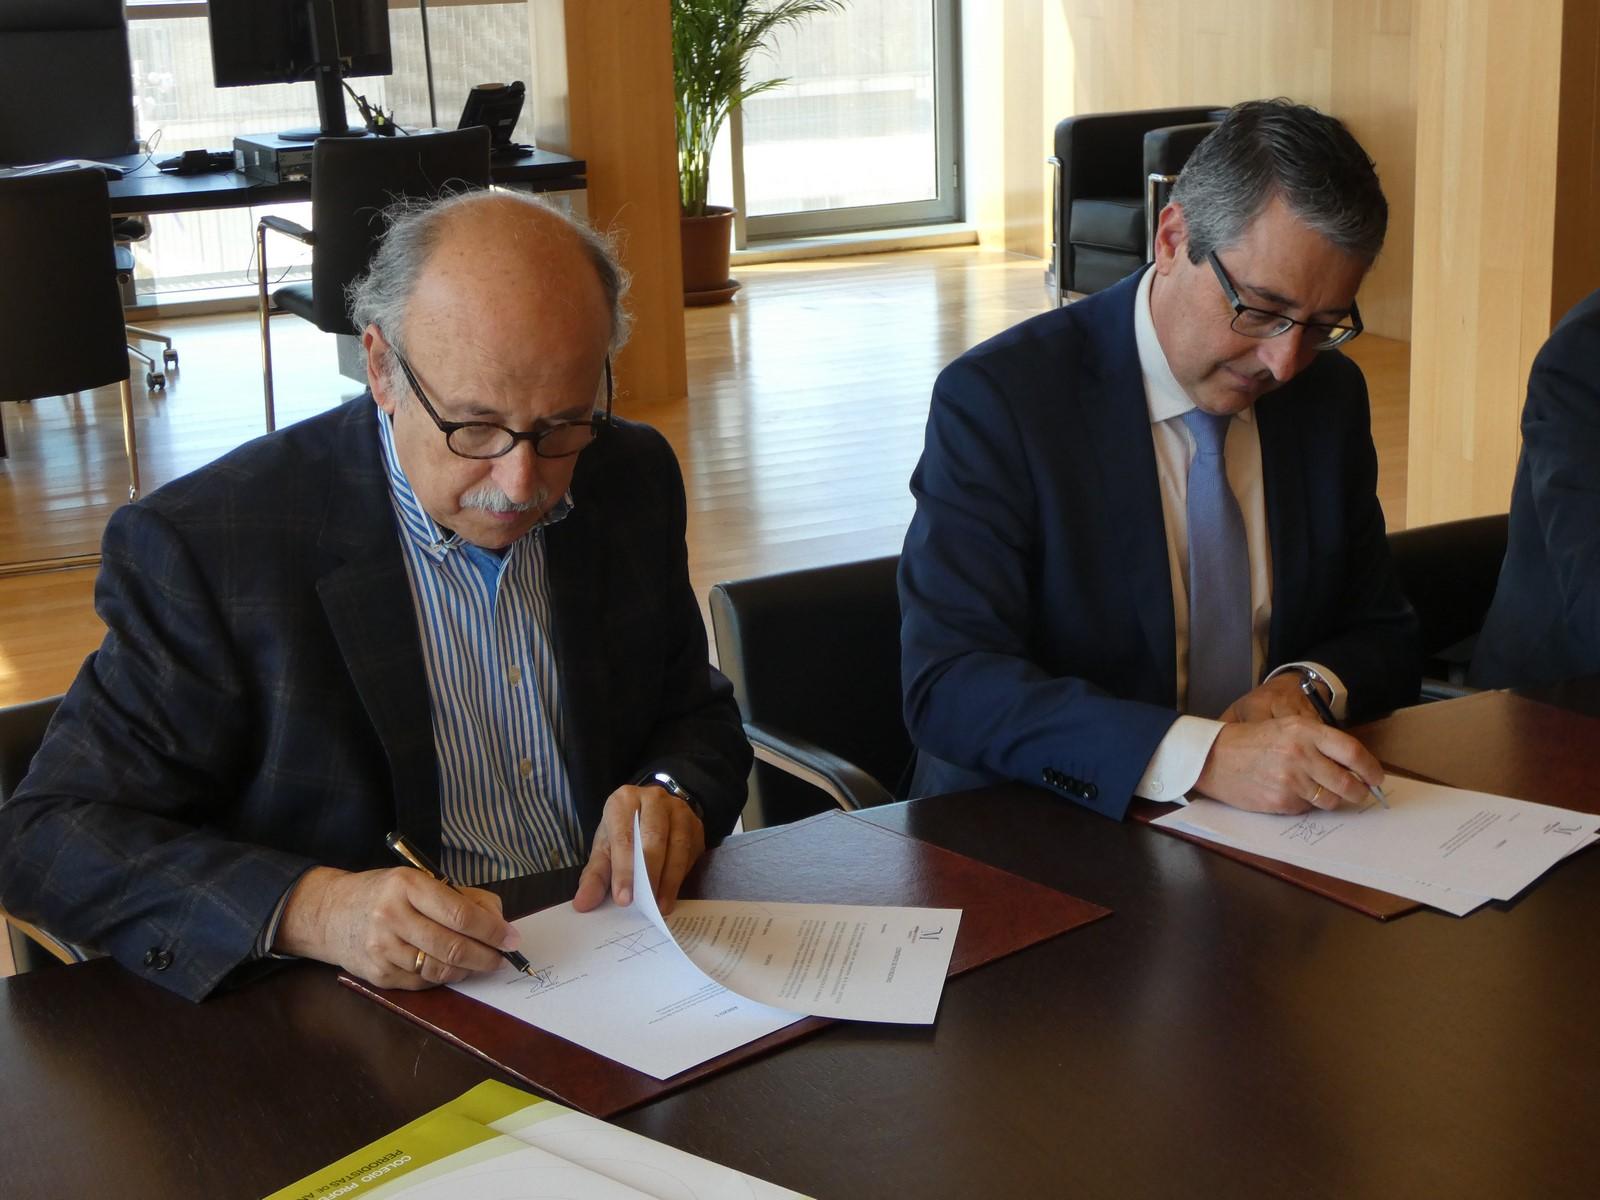 Rafael Salas y Francisco Salado firman el convenio de patrocinio entre la Diputación de Málaga y la Asociación de la Prensa de Málaga.